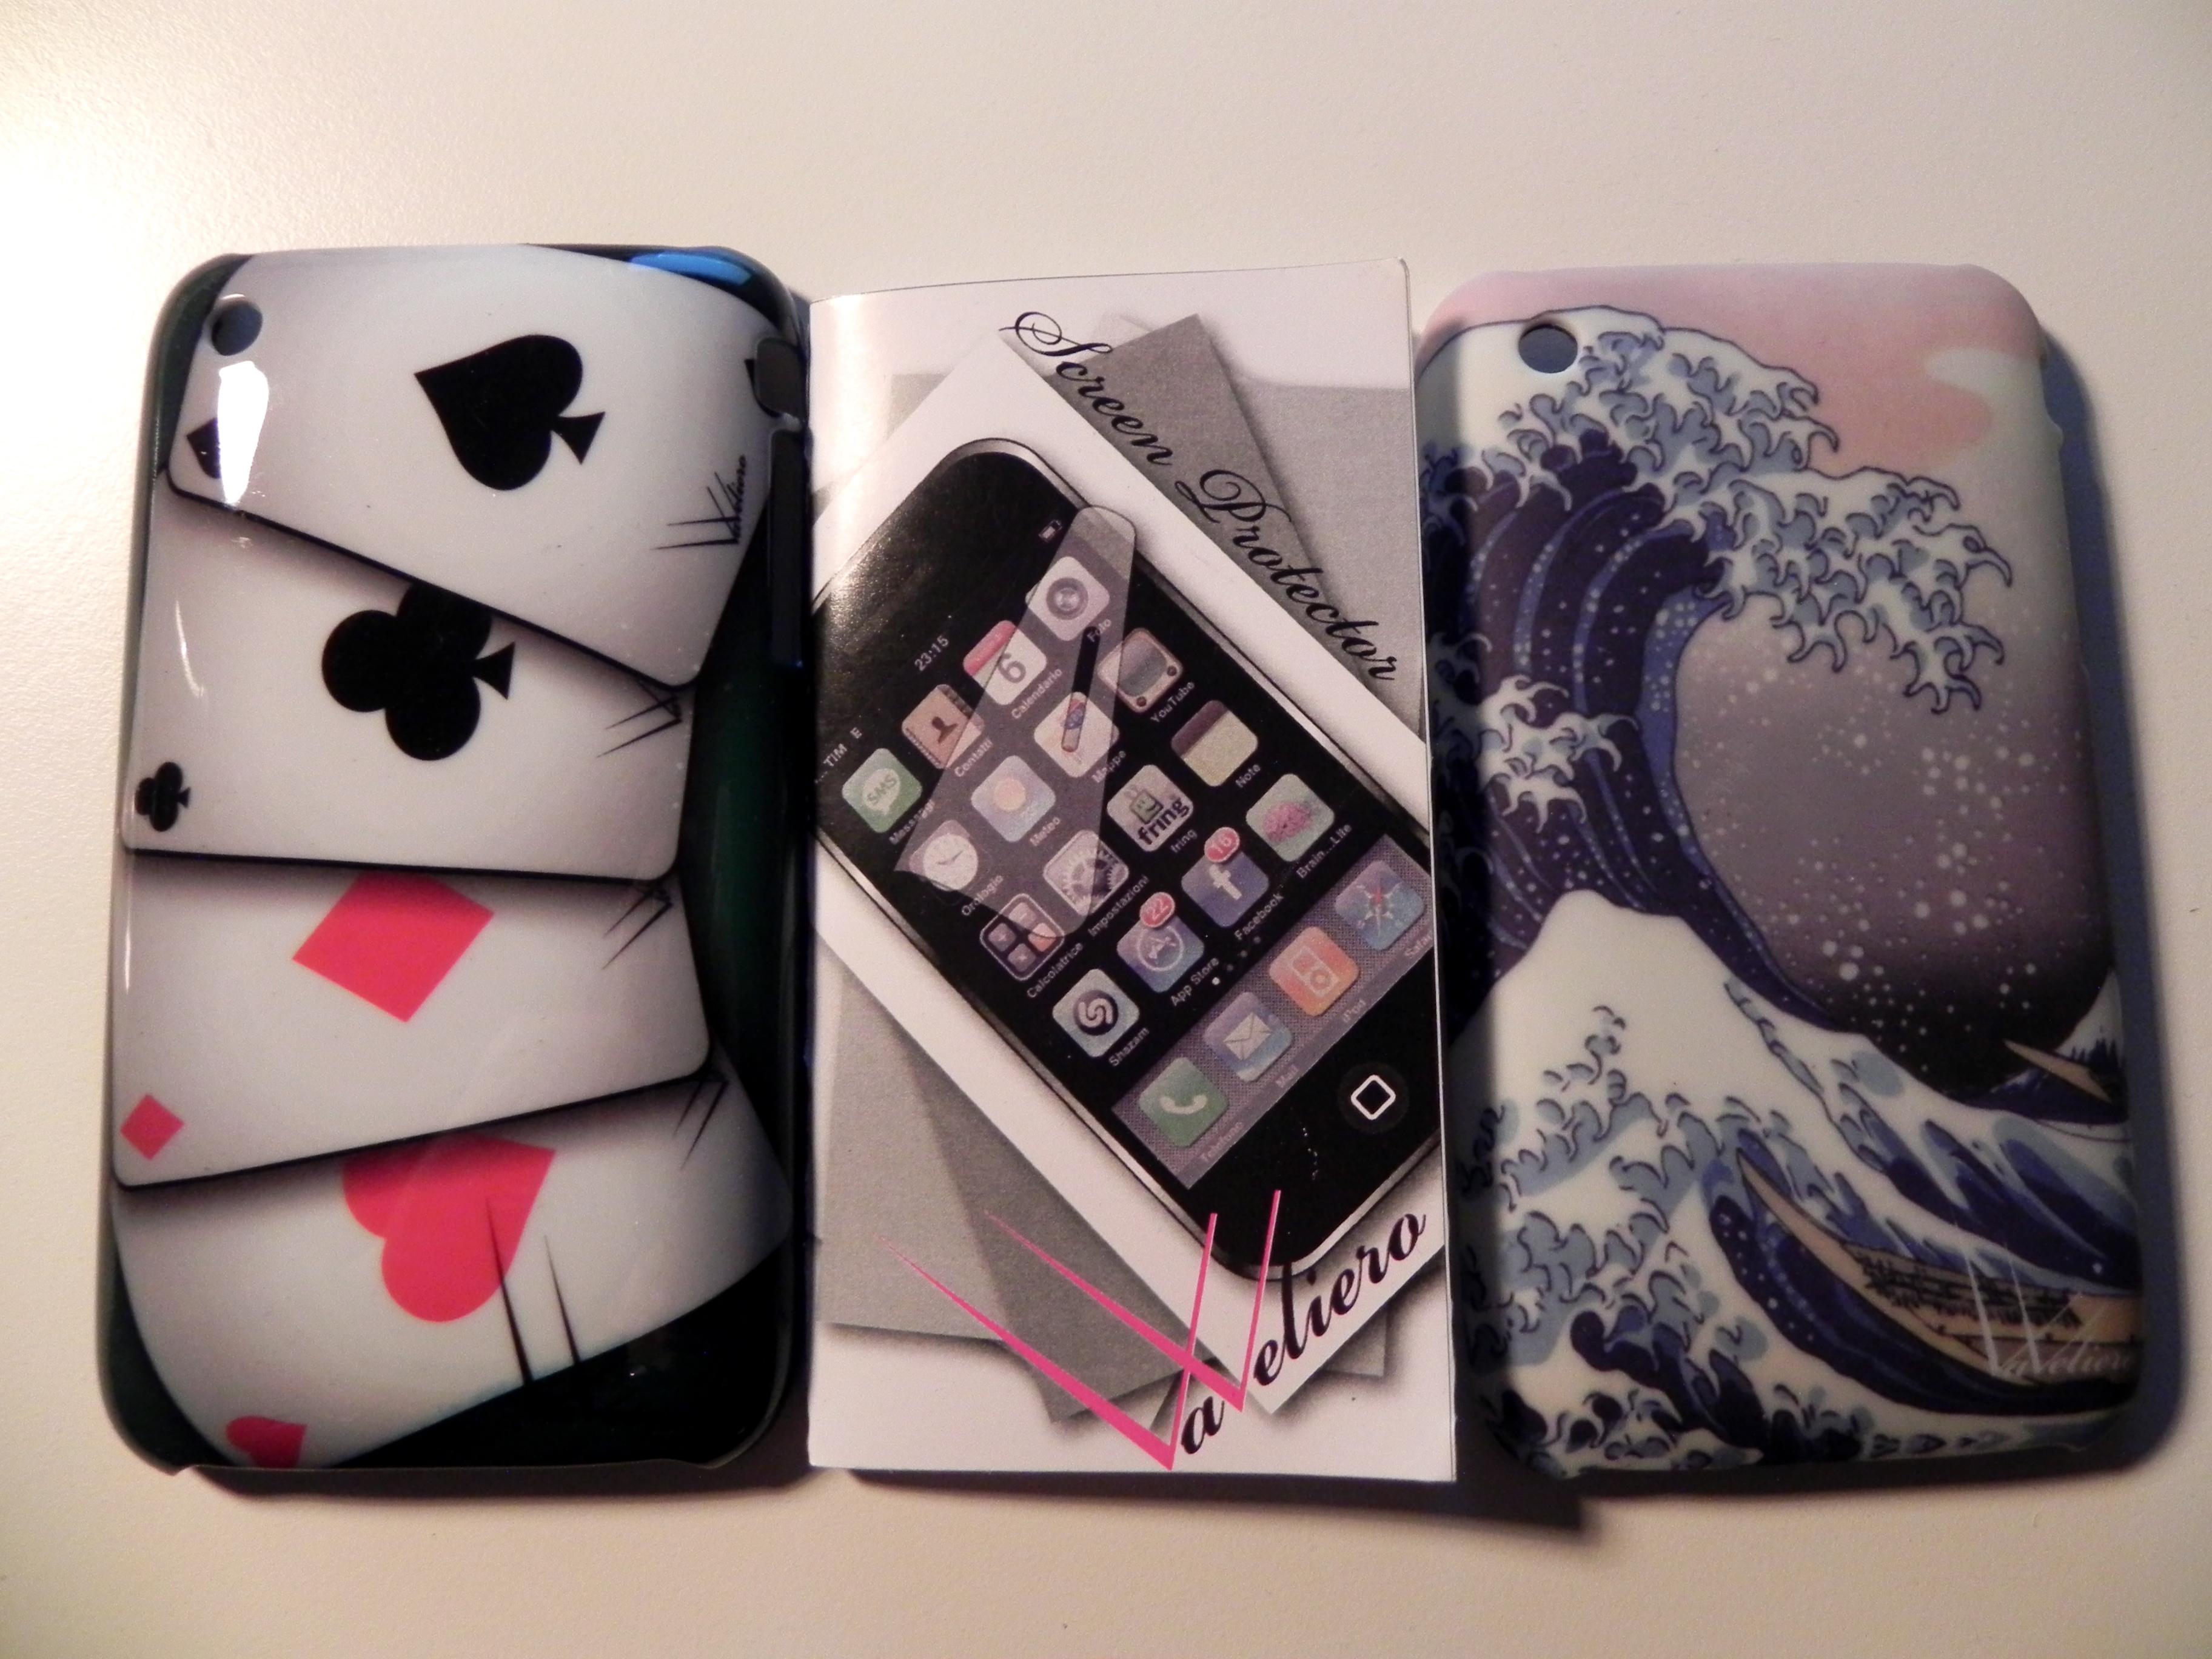 VaVeliero: custodie di qualità per tutti il vostro iPhone! | iSpazio Product Review [Aggiornato x1]